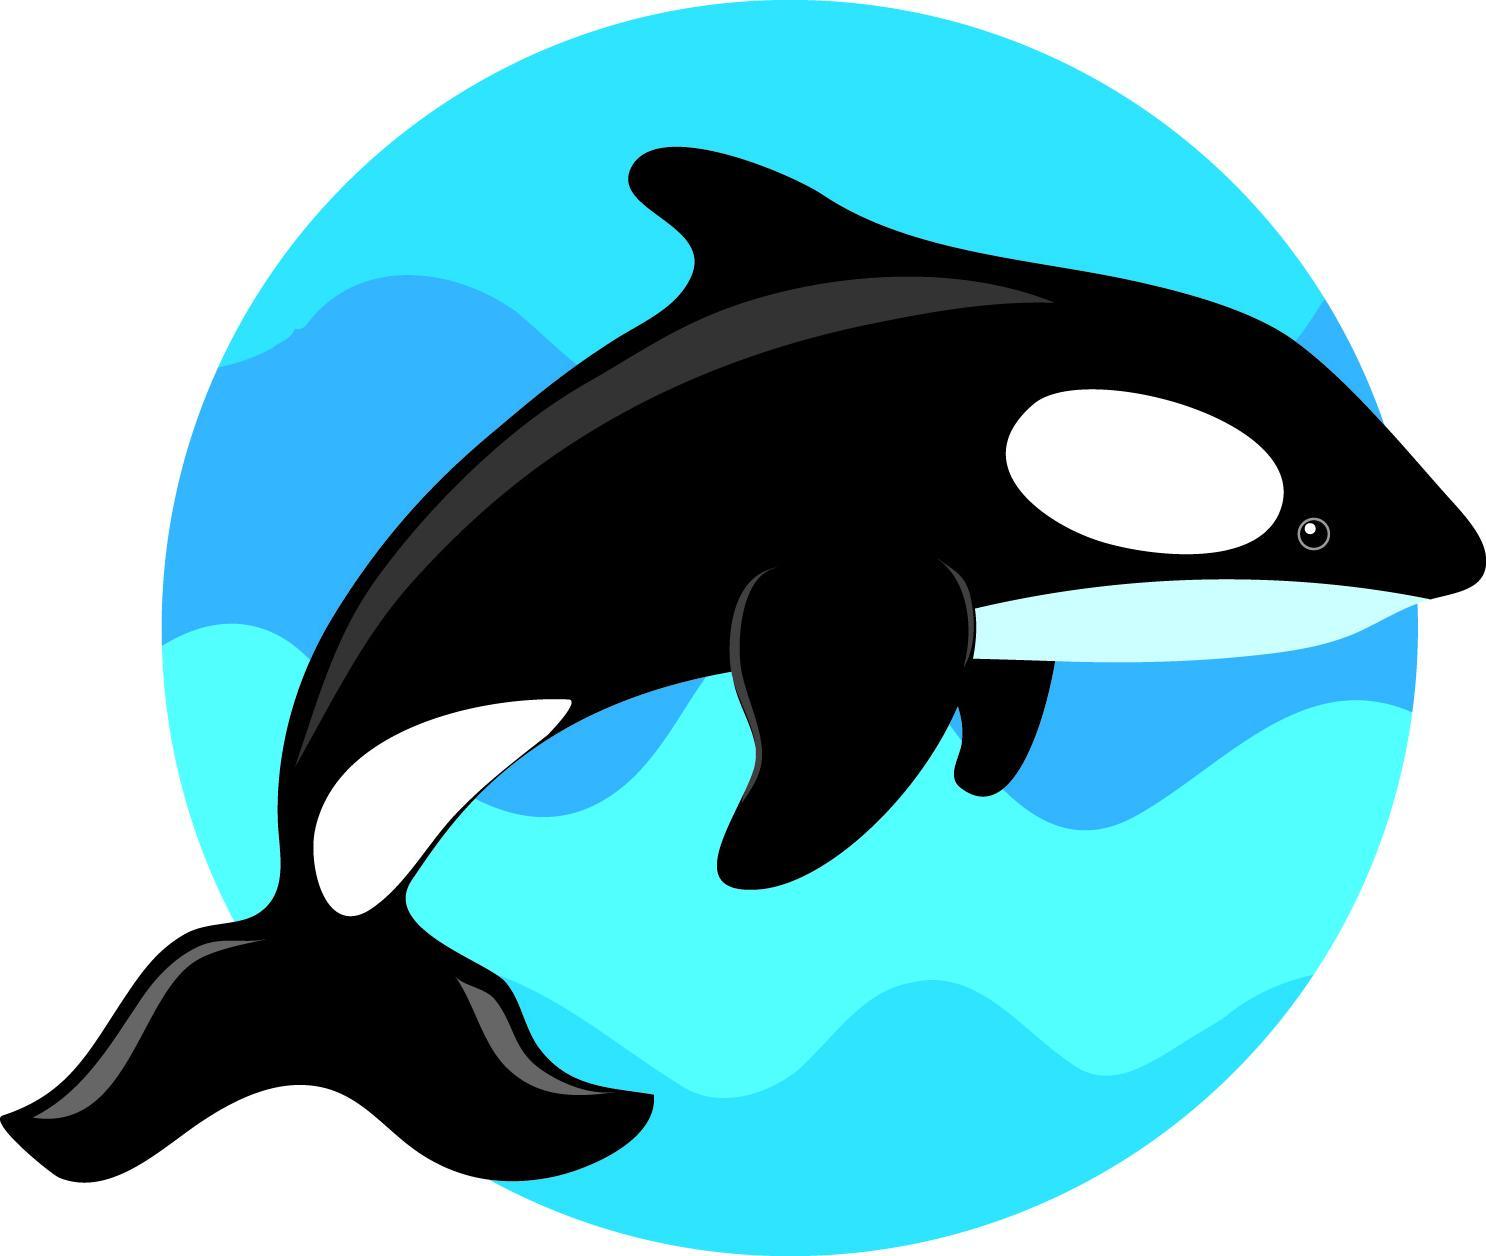 1486x1256 Hd Whale Clip Art Images